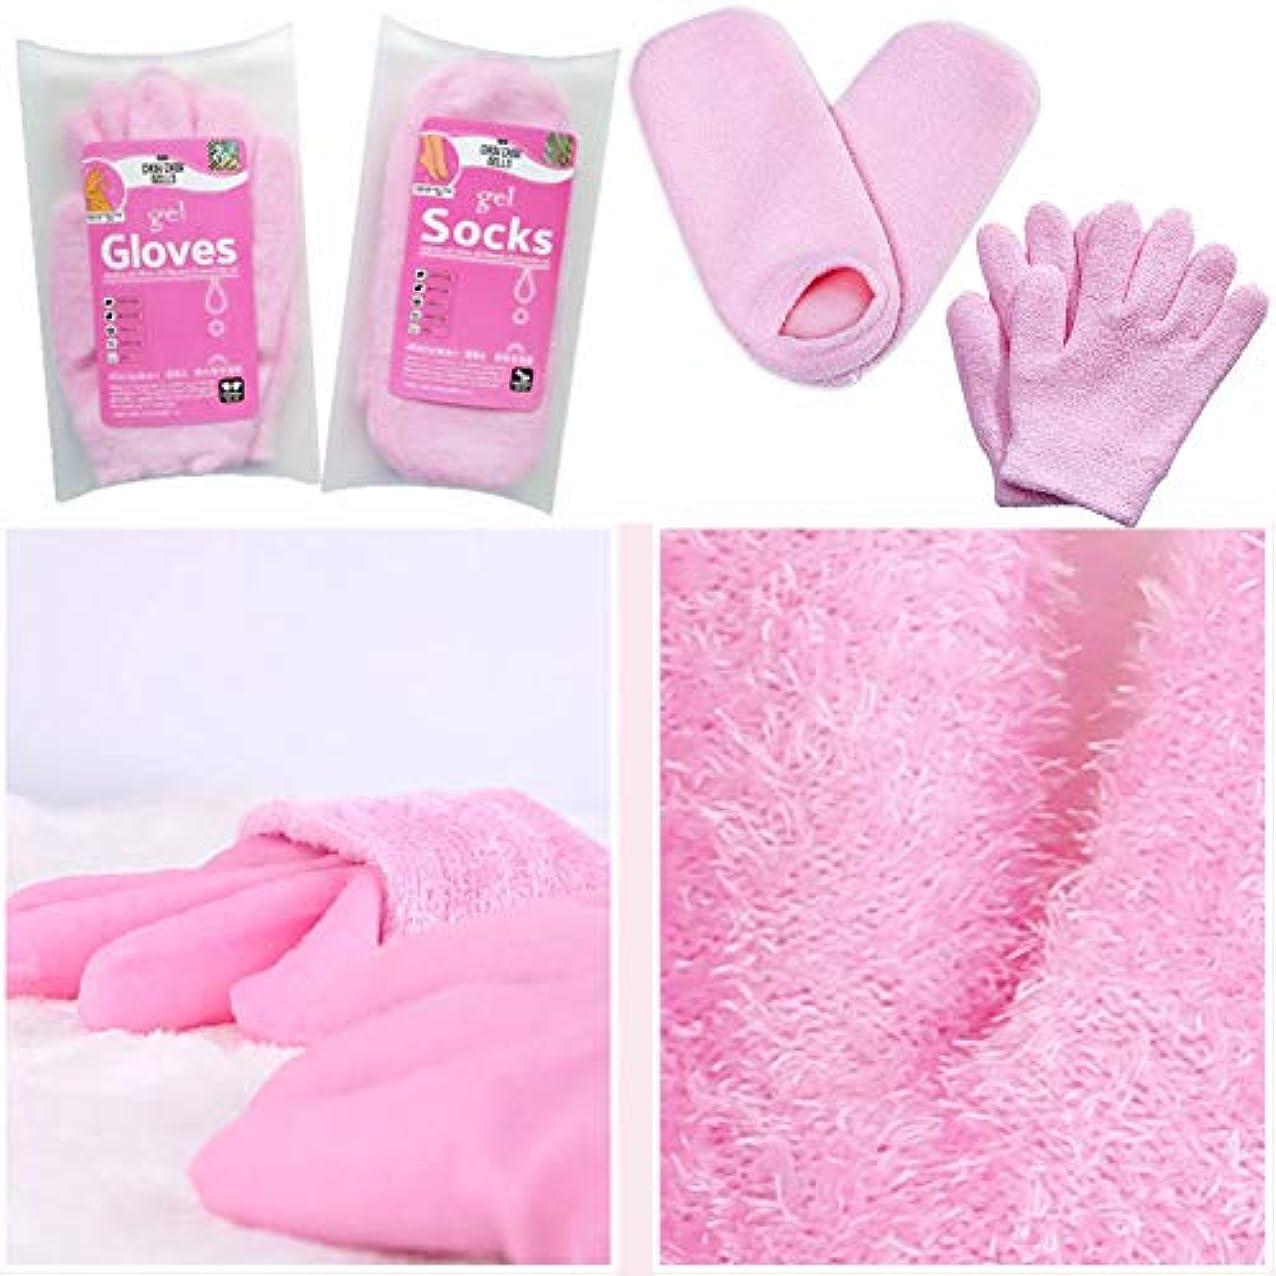 毎回ホスト消毒するTerGOOSE 美容 保湿 手袋 ゲル 靴下 モイスチャライジングジェルグローブ 手荒れ対策 保湿ケア フット ハンドケア用 便利 ピンク